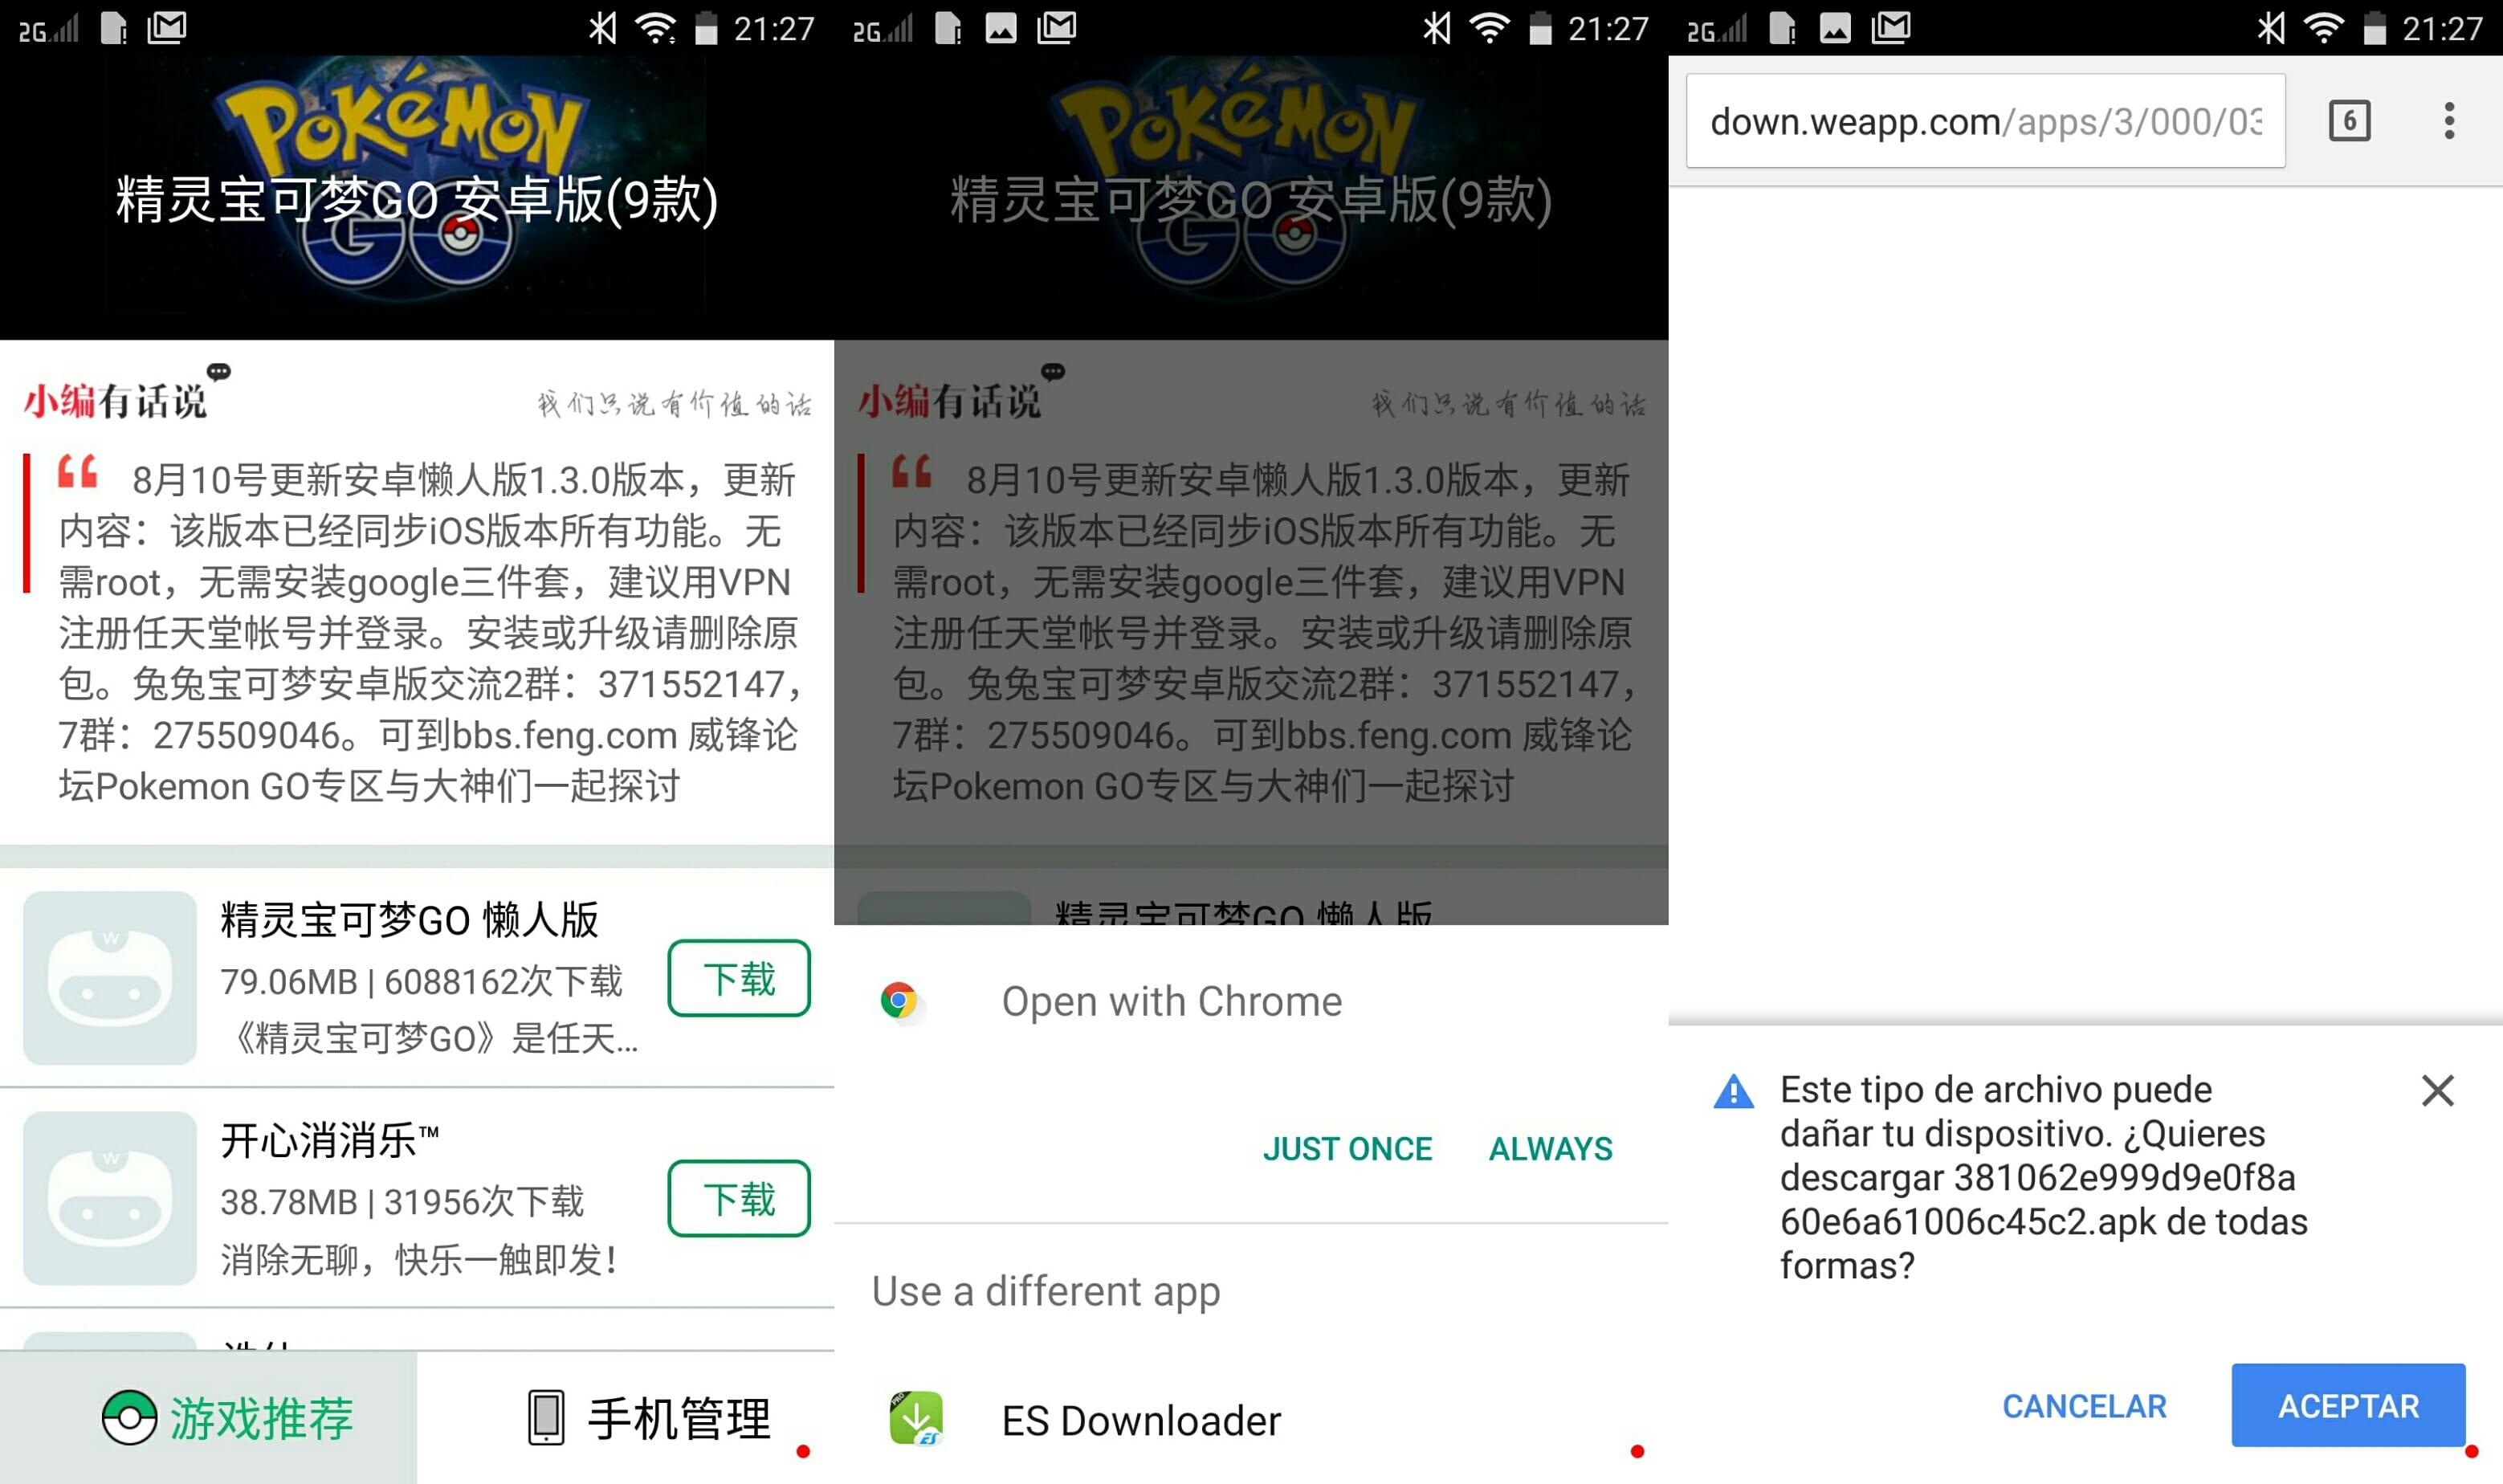 [APK] Descarga la aplicación hackeada de Pokemon Go para jugar sin salir de casa sin necesidad de Root